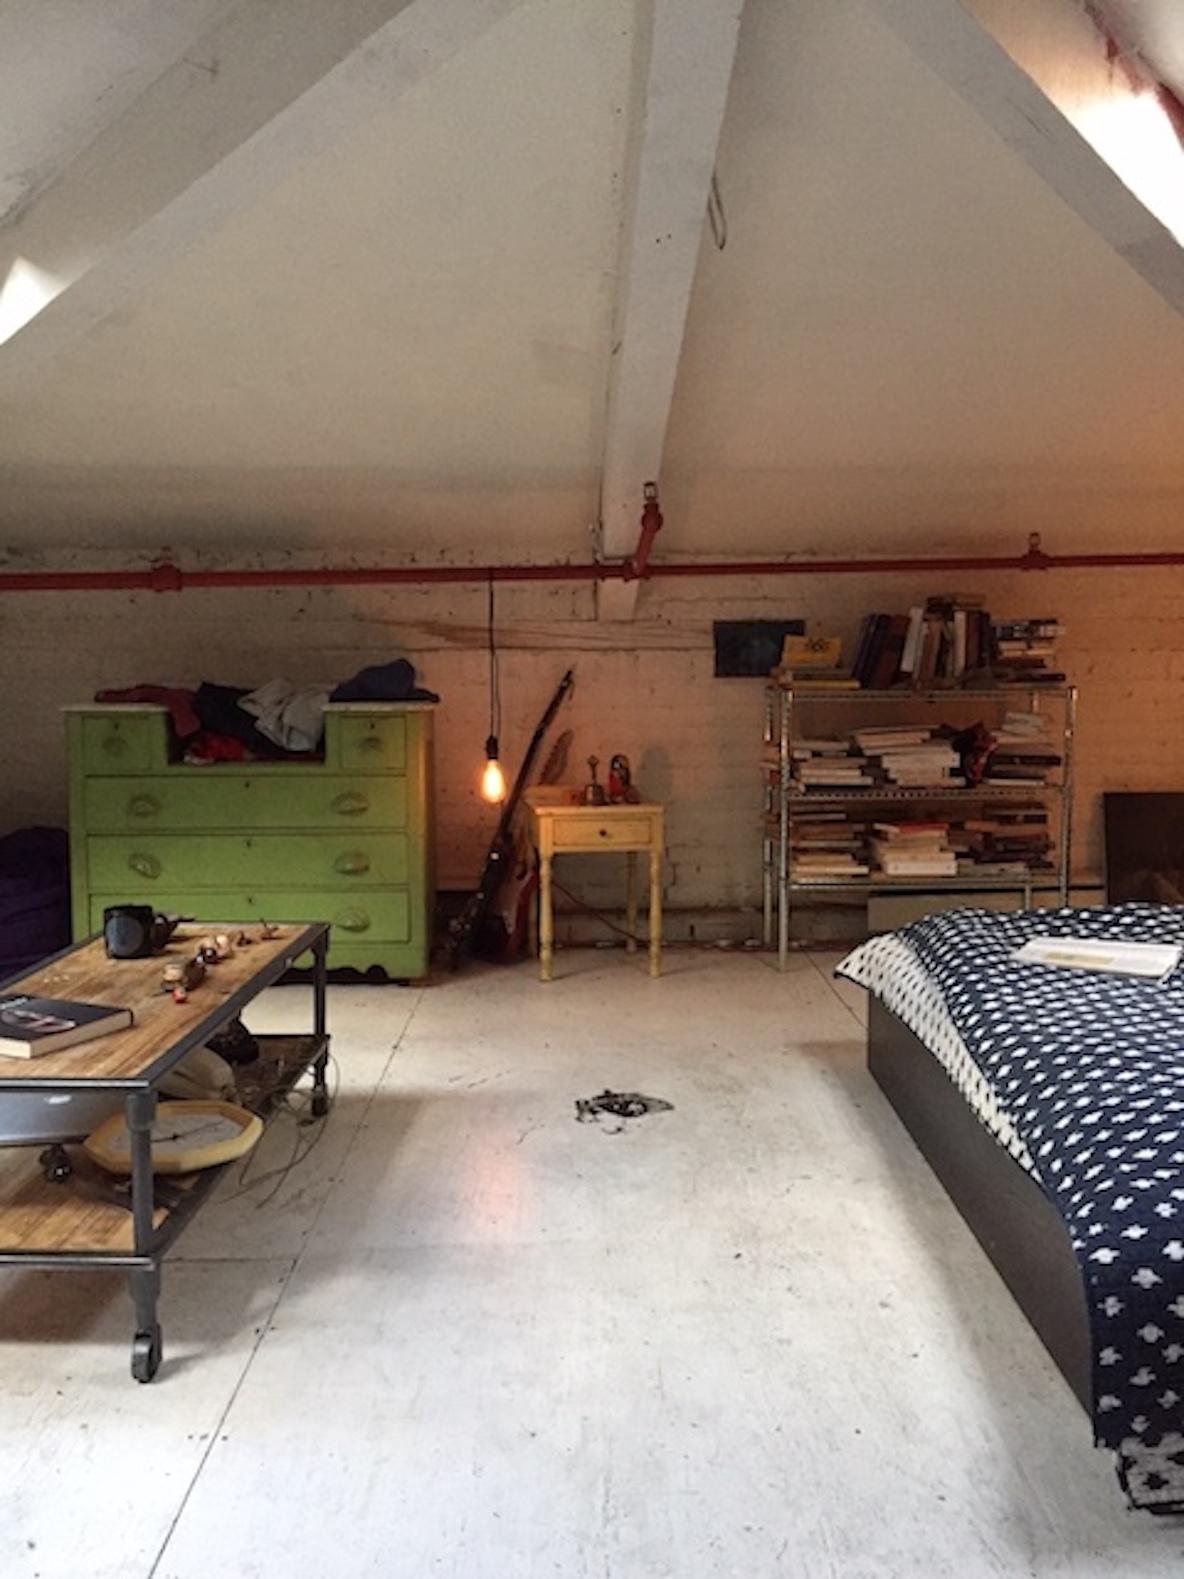 11人のアーティストが暮らす、ニューヨーク・ブルックリンのレトロなアパートメントの寝室